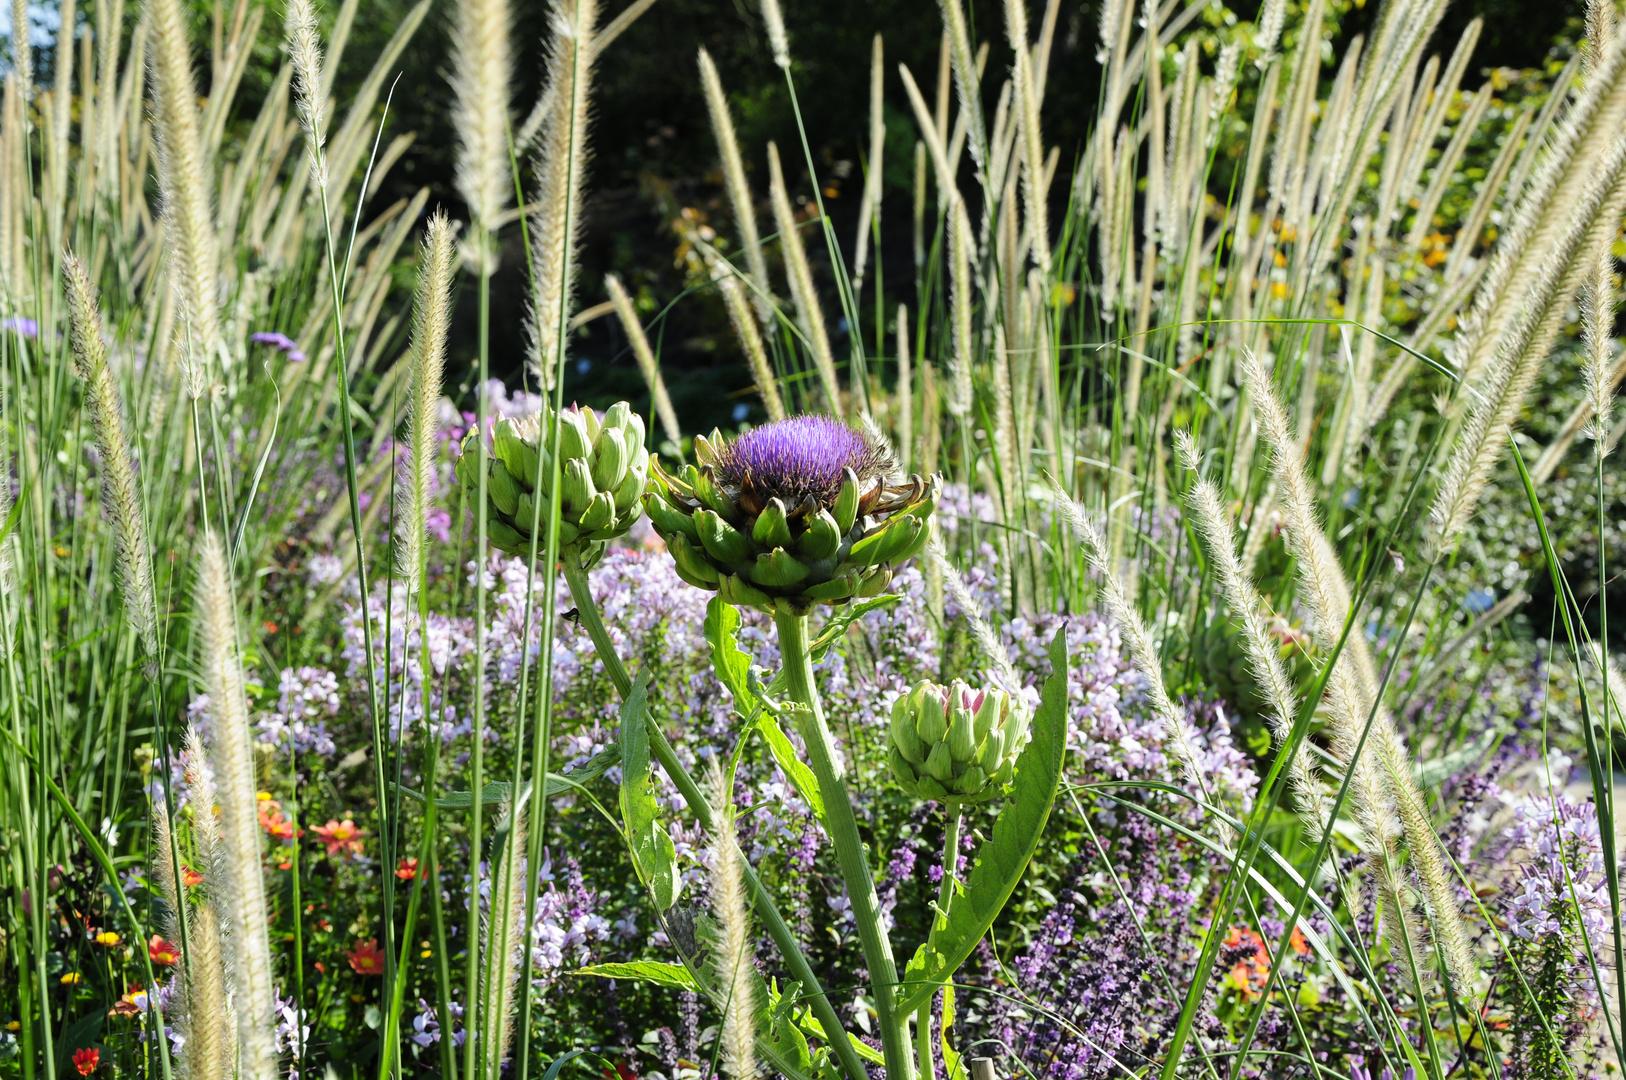 Artischocke mit Blüte 3 - Park der Gärten